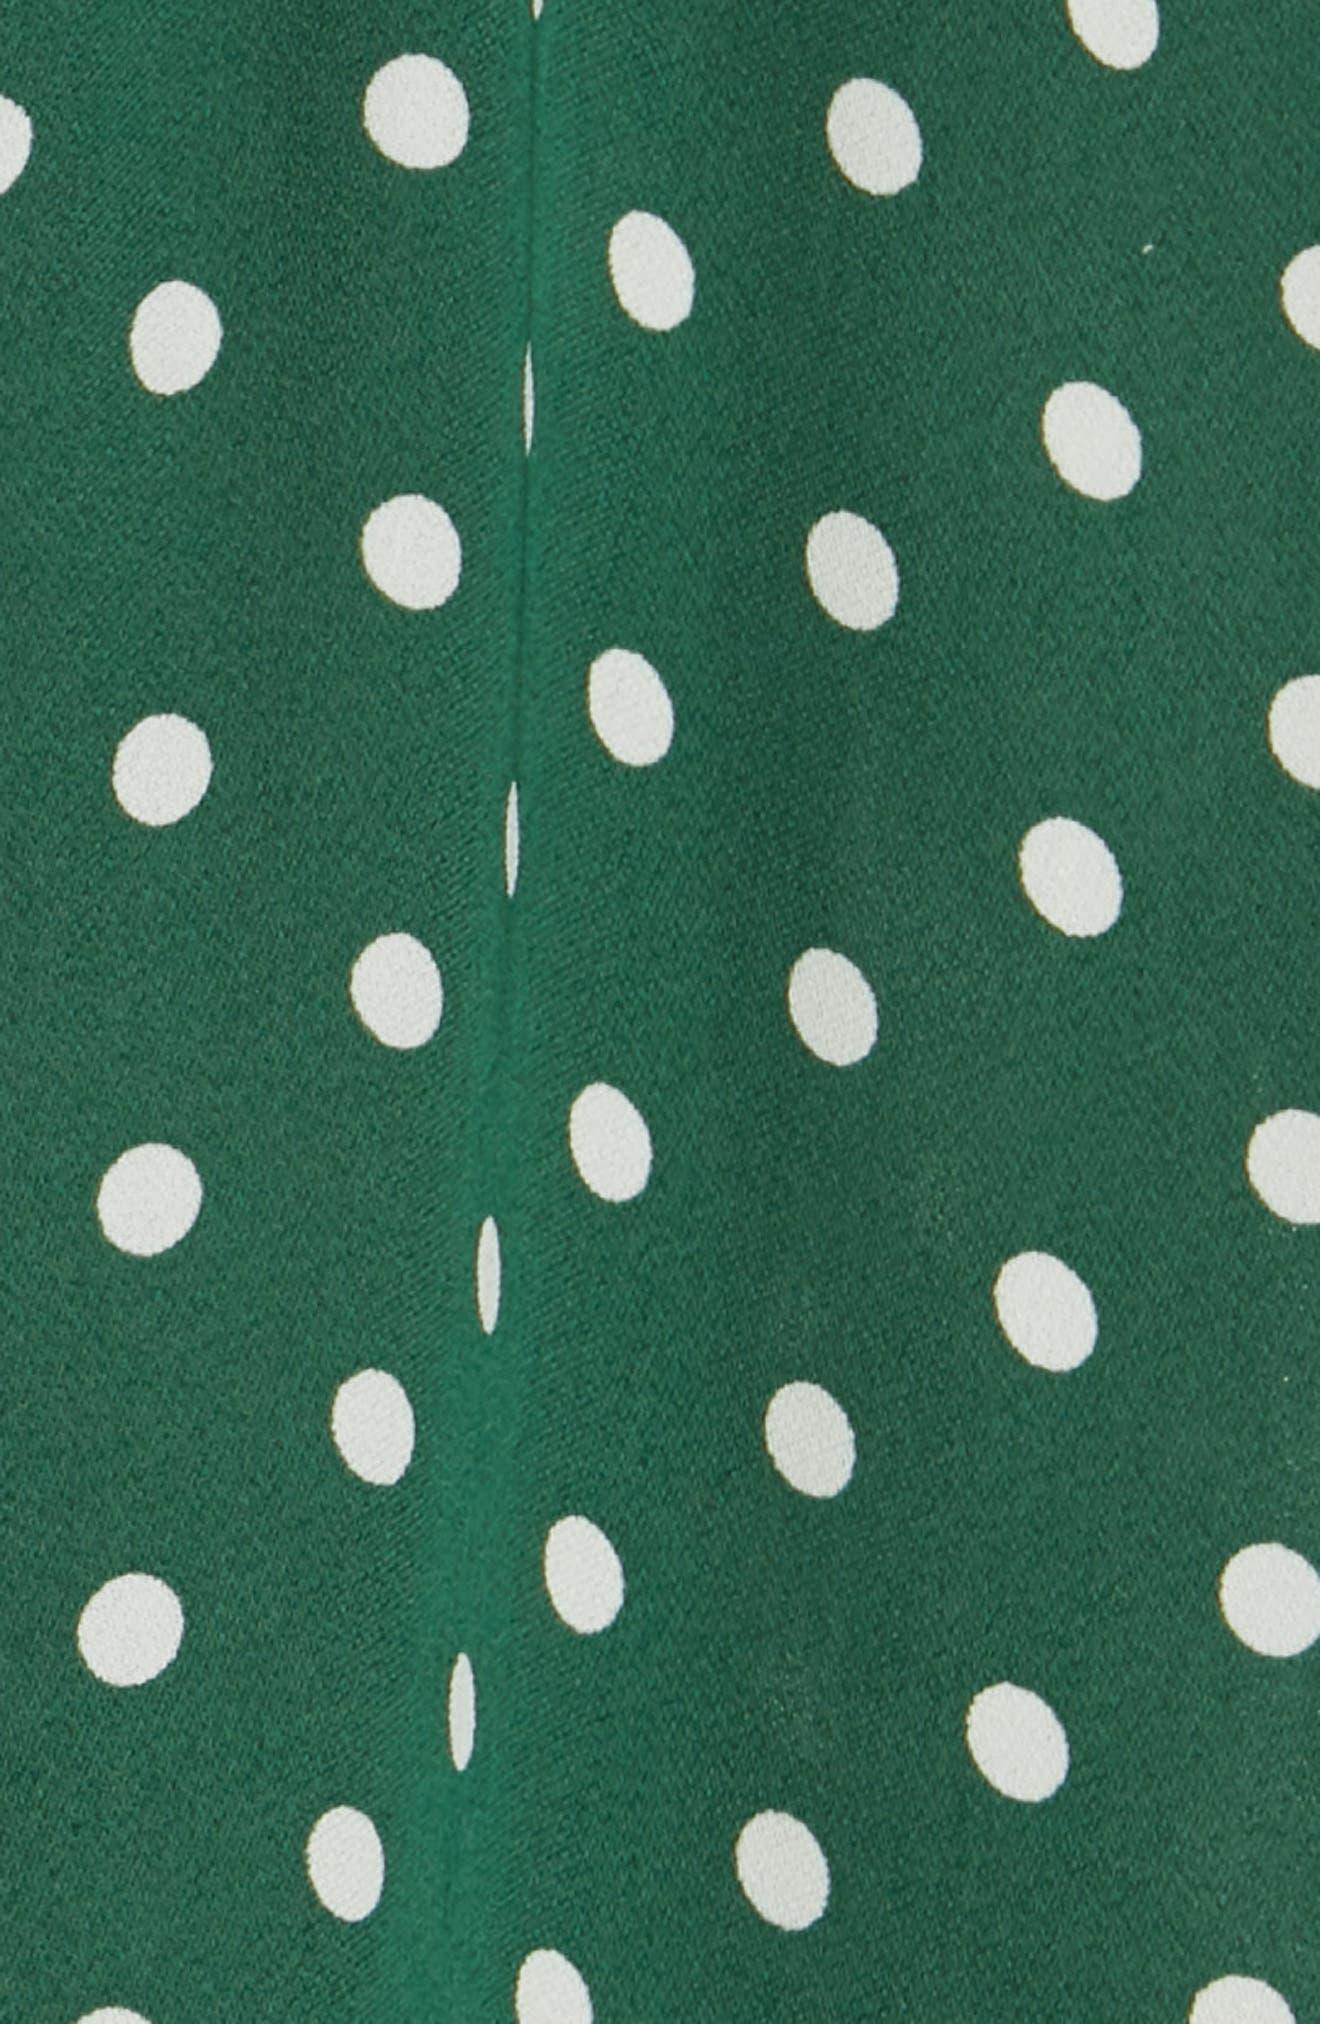 Polka Dot Short Sleeve Top,                             Alternate thumbnail 5, color,                             GREEN EDEN PETITE DOT